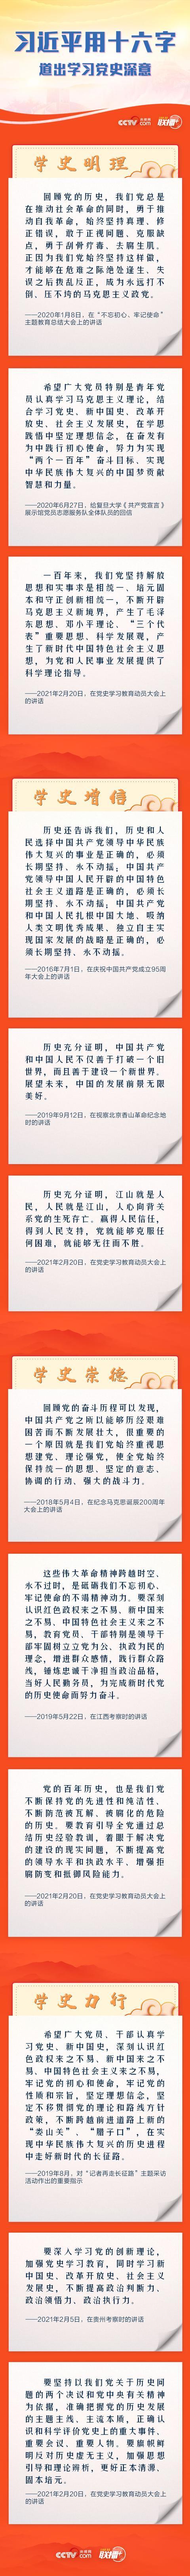 党史学习文化教育动员会北京举办